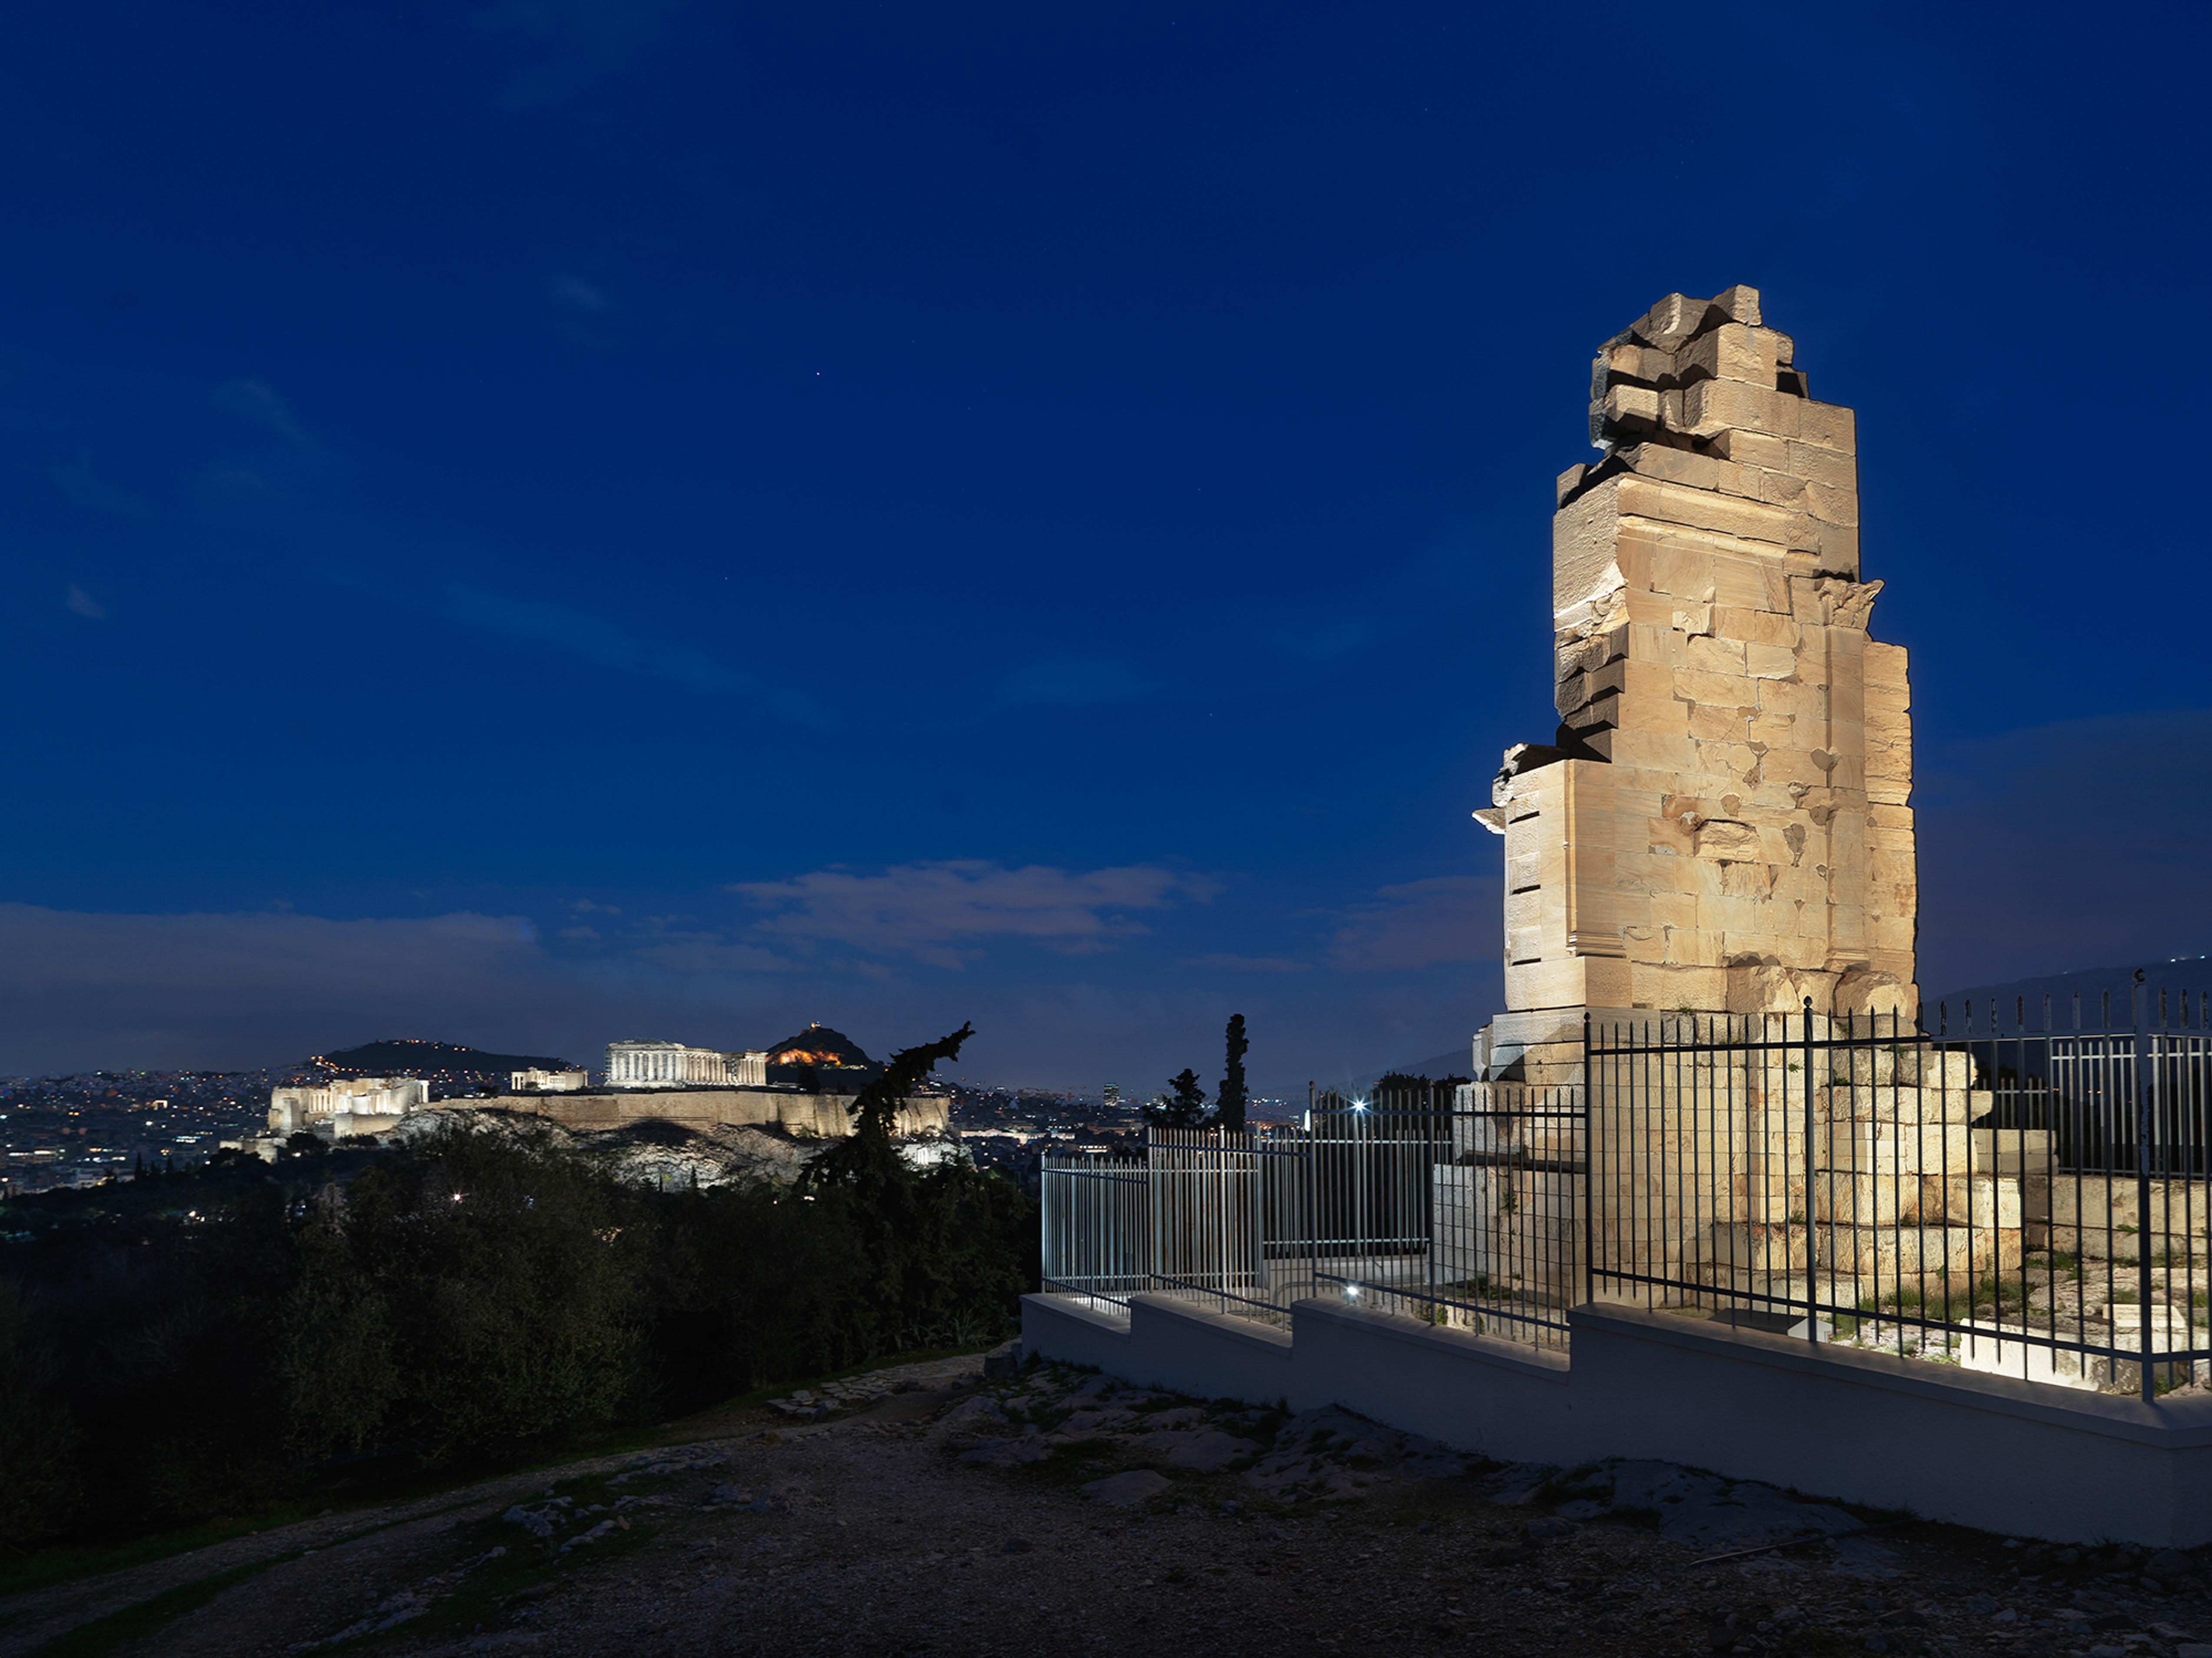 Που πραγματικά οφείλονται οι «καθυστερήσεις» στα σχέδια για Ακαδημία Πλάτωνος και Φιλοπάππου